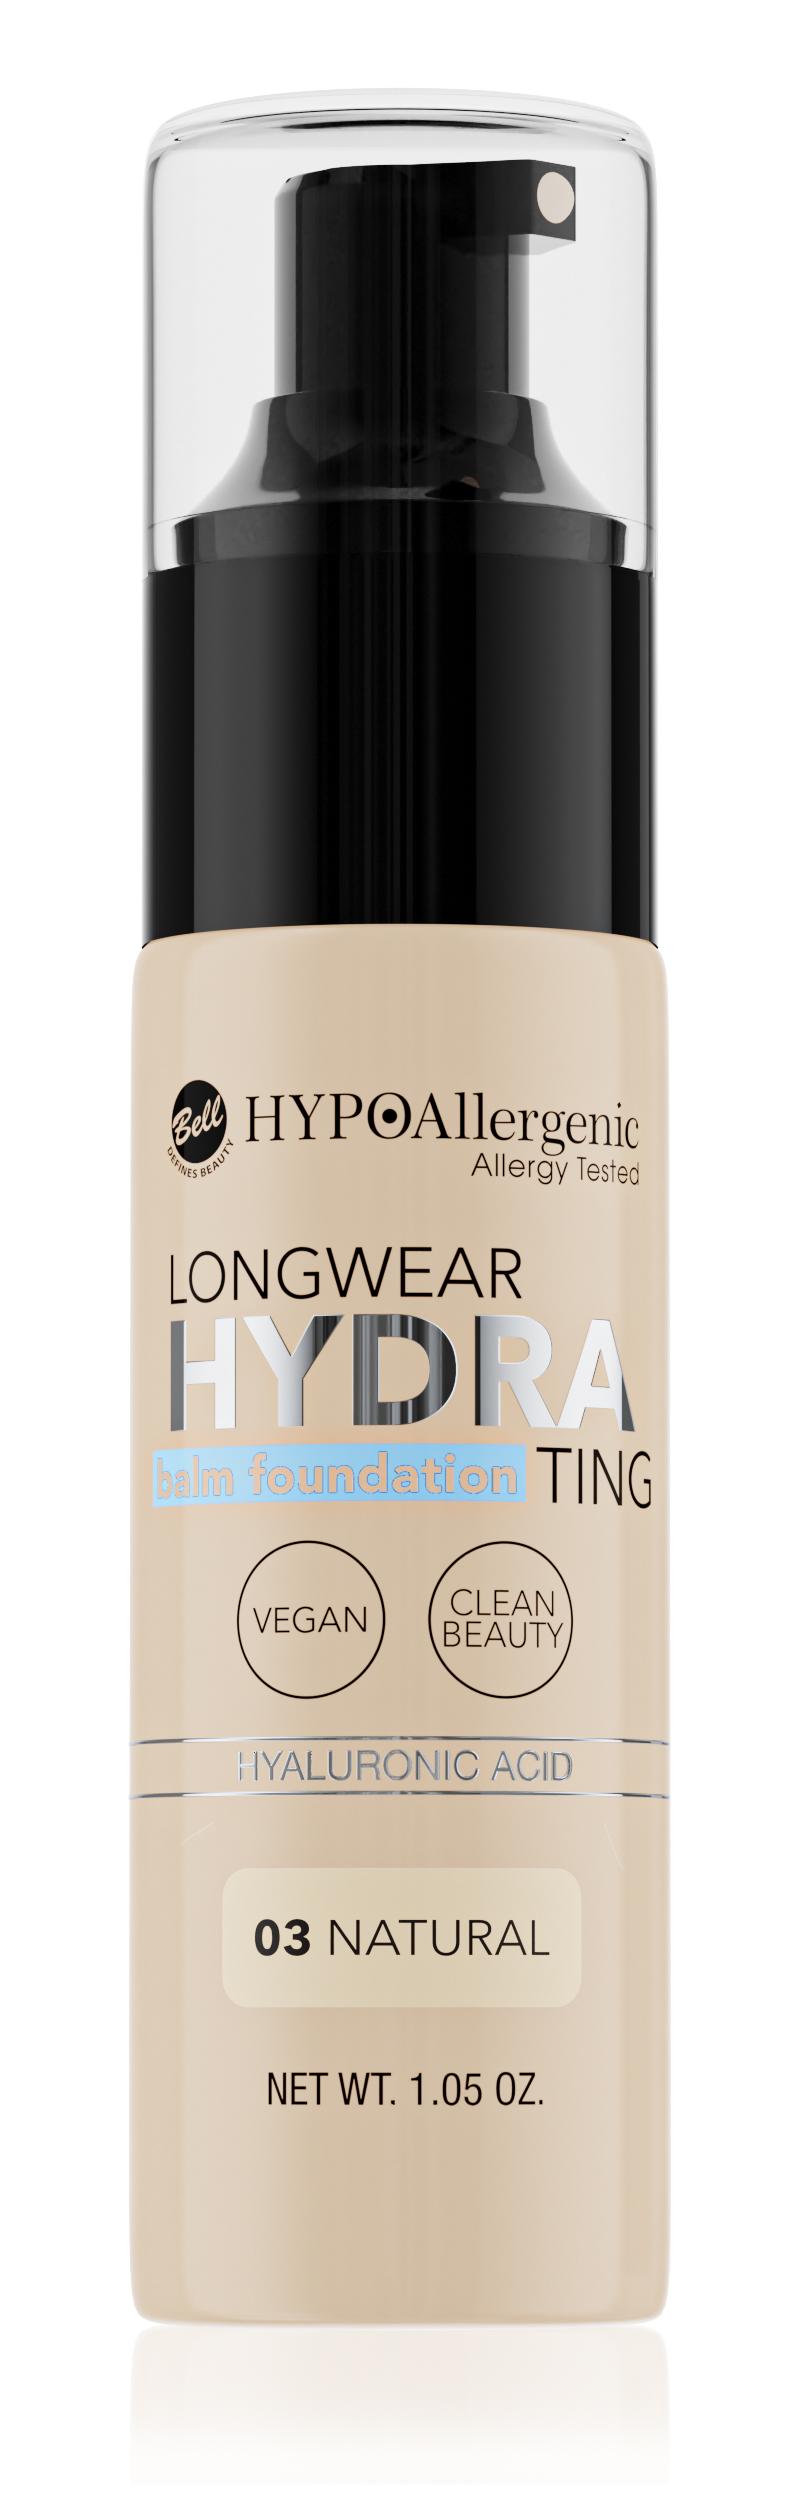 HYPOAllergenic Longwear Hydrating Balm Foundation